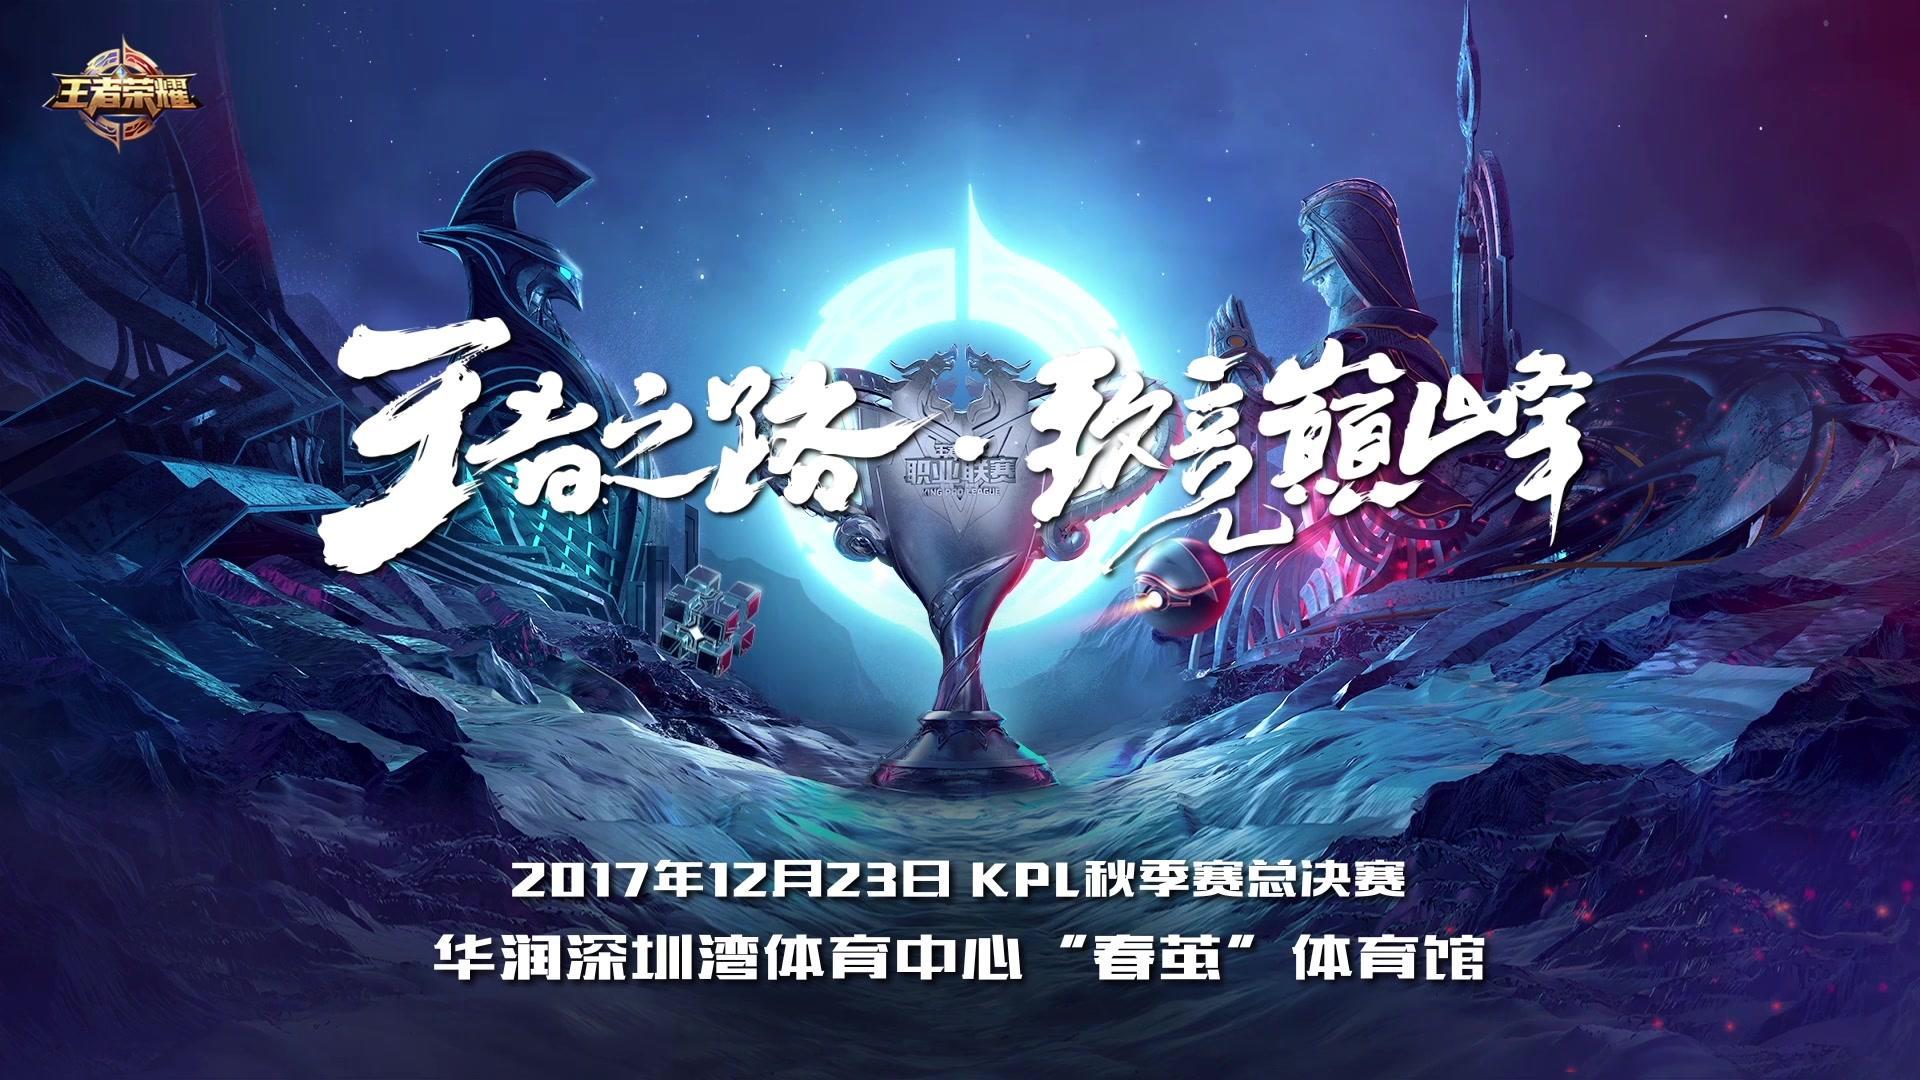 2017年王者荣耀秋季总决赛深圳春茧体育中心网络项目